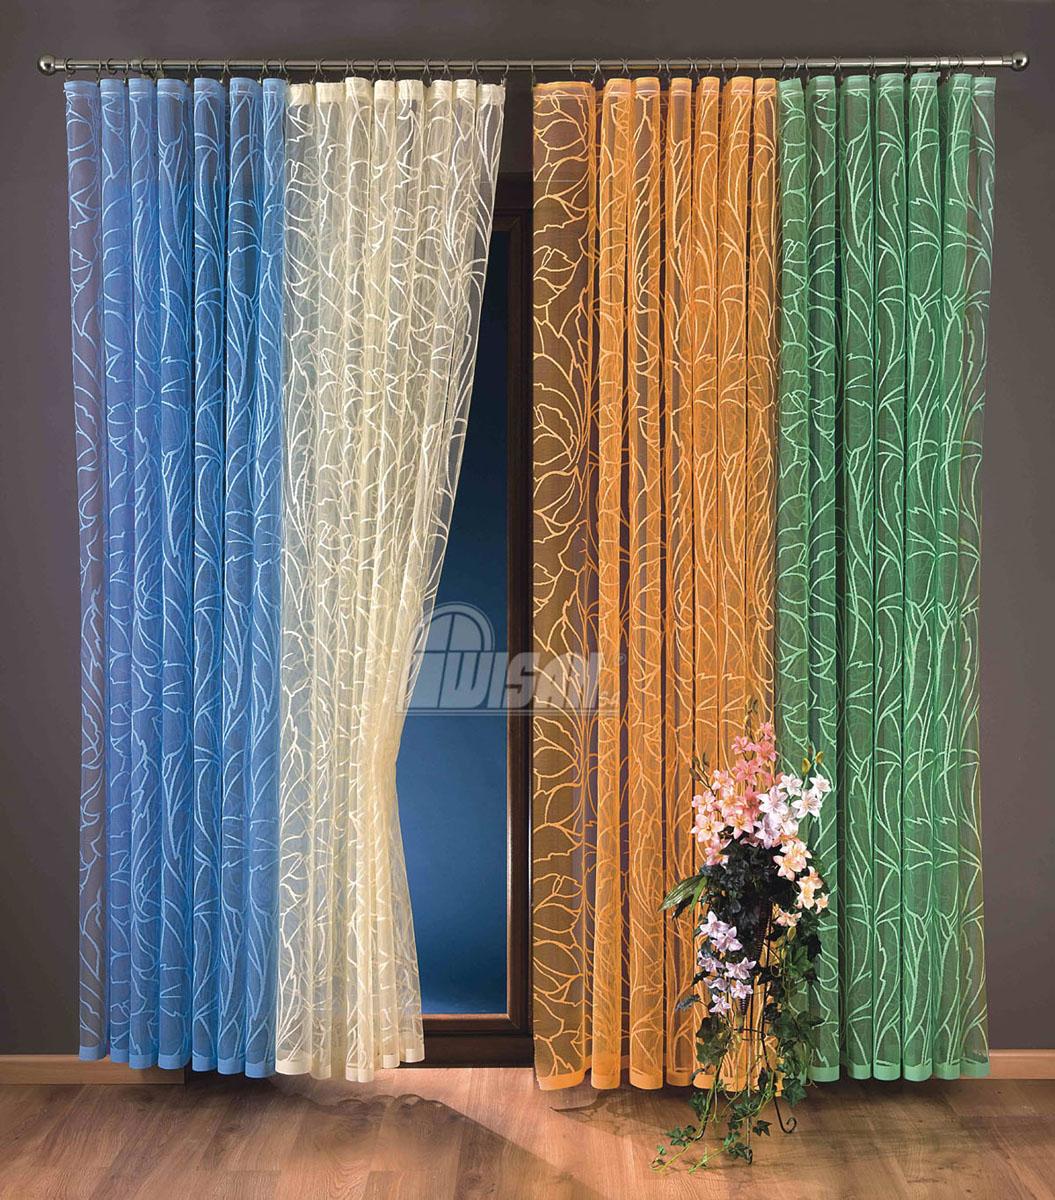 Гардина-тюль Zara, на ленте, цвет: зеленый, высота 250 см737208Воздушная гардина-тюль Zara, изготовленная из полиэстера зеленого цвета, станет великолепным украшением любого окна. Тонкое плетение, оригинальный дизайн и приятная цветовая гамма привлекут к себе внимание и органично впишутся в интерьер комнаты. В гардину-тюль вшита шторная лента.